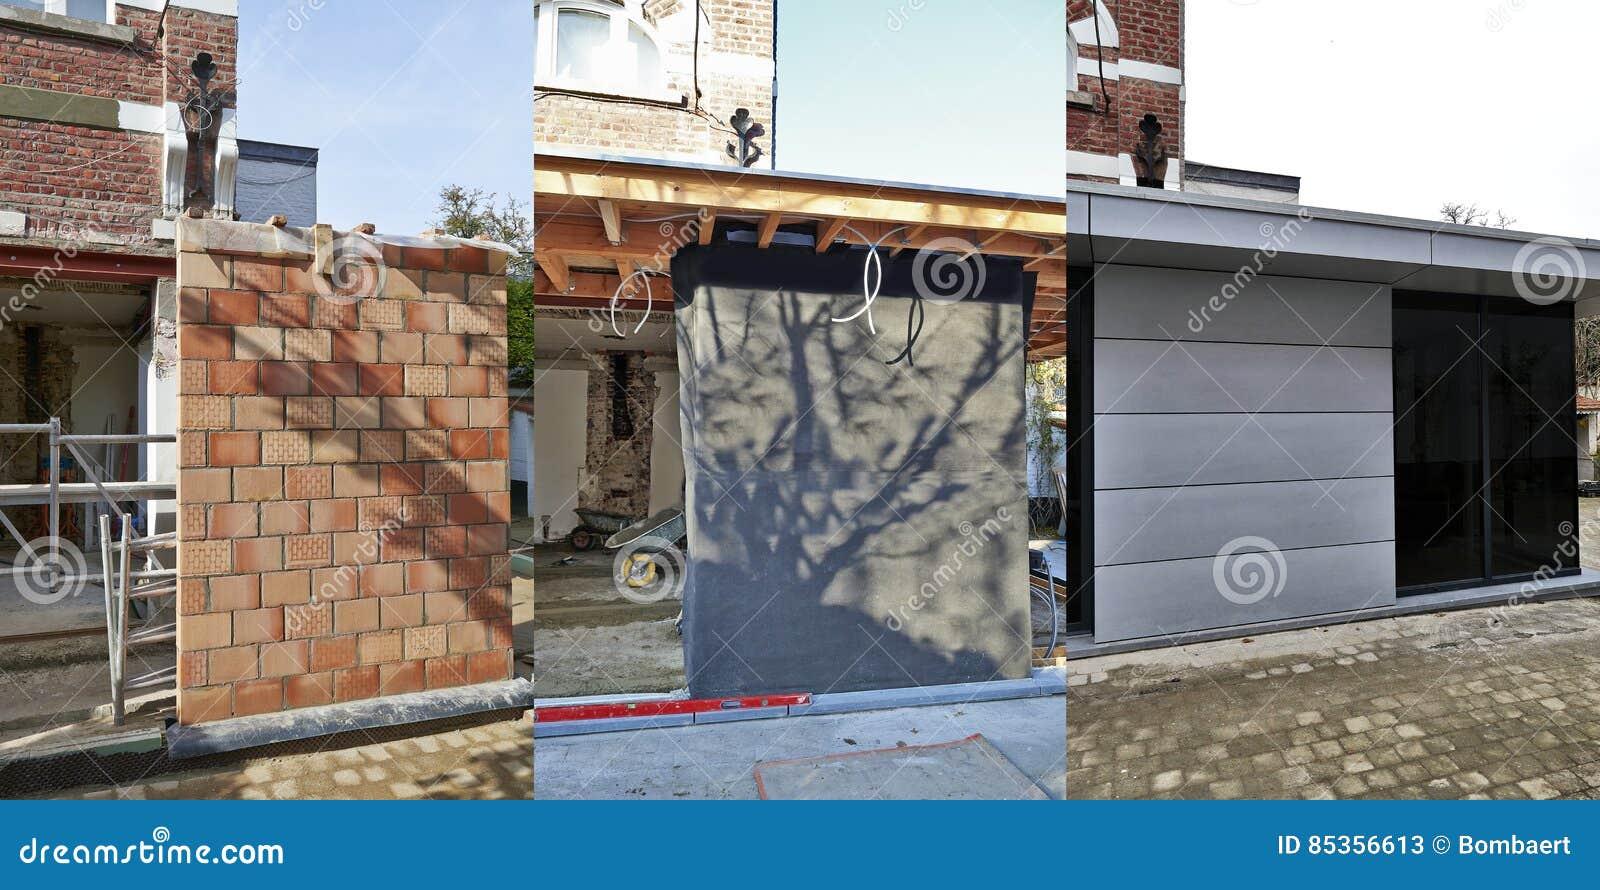 Uitbreiding Aan Huis : Drie stappen van bouw nieuwe moderne uitbreiding van een huis